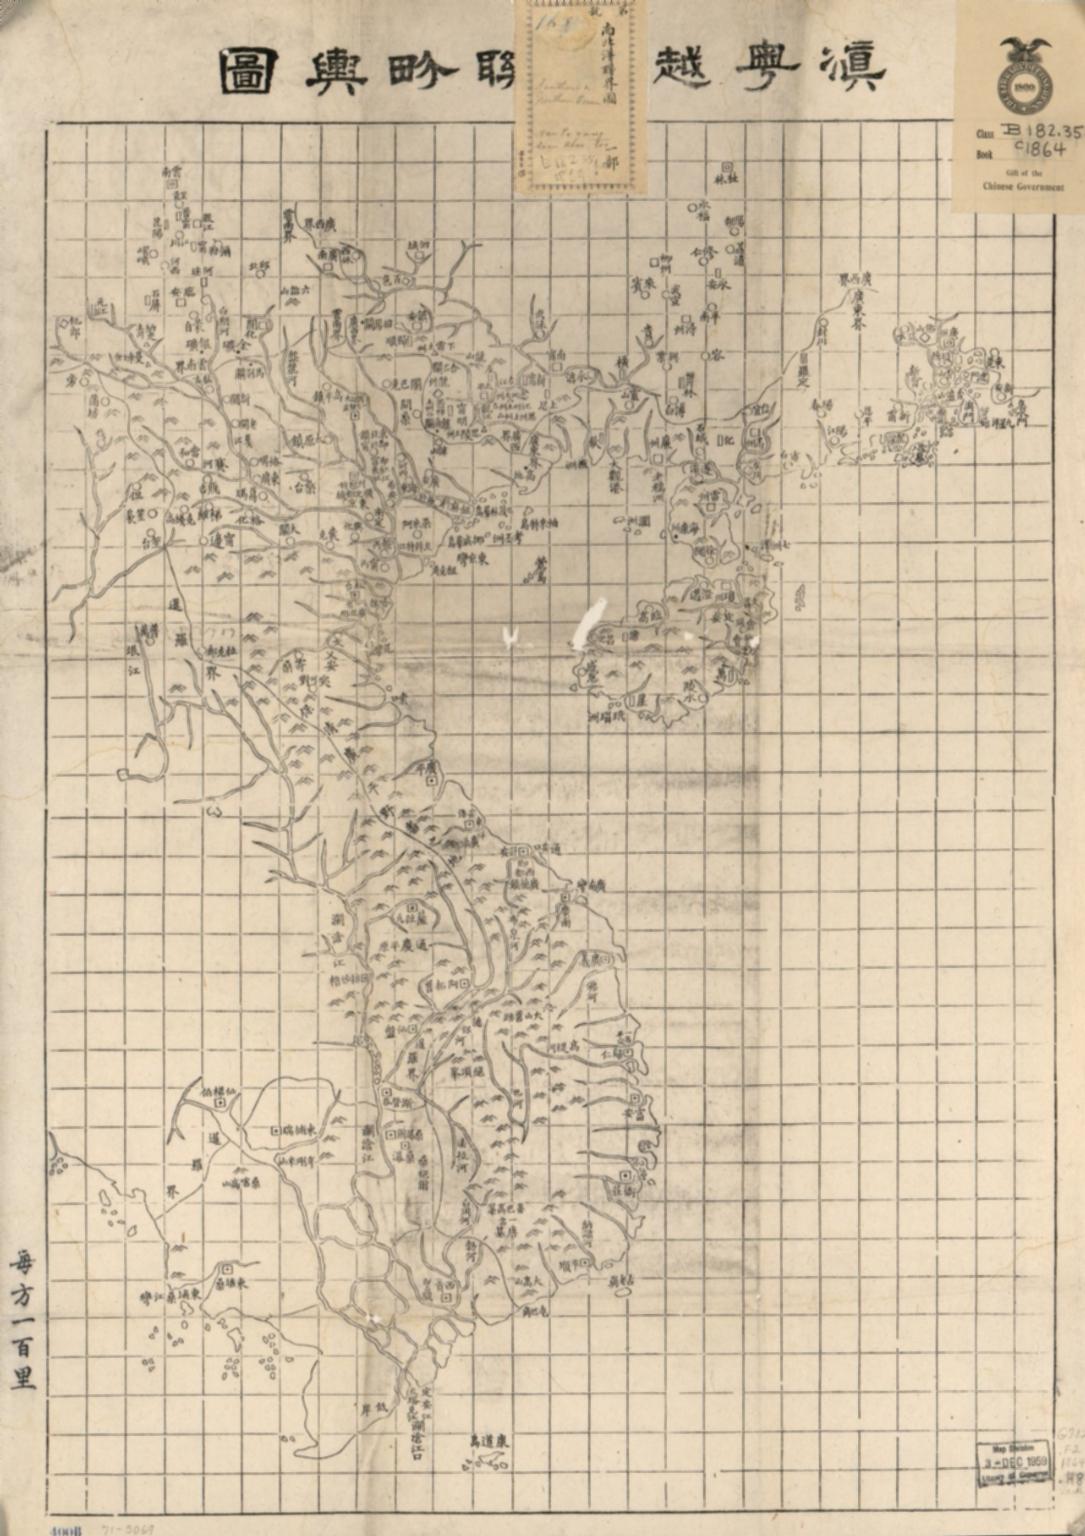 滇粤, 越南聯界與圖